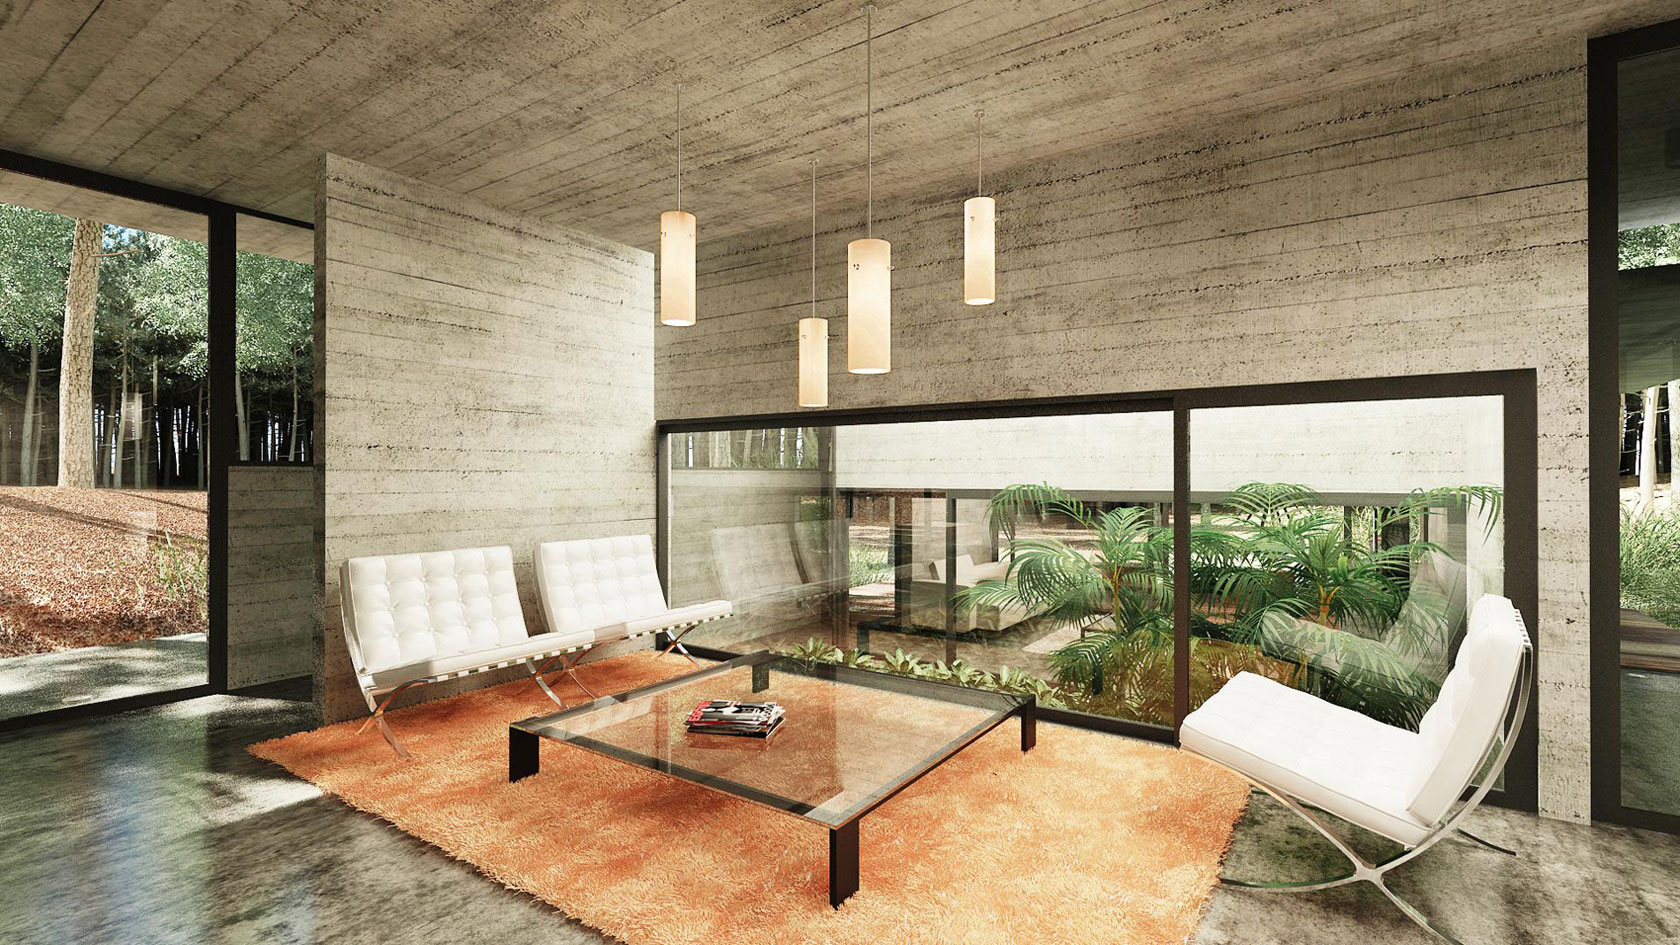 Concrete Forrest House in Costa Esmeralda by Besonias Almeida Arquitectos10